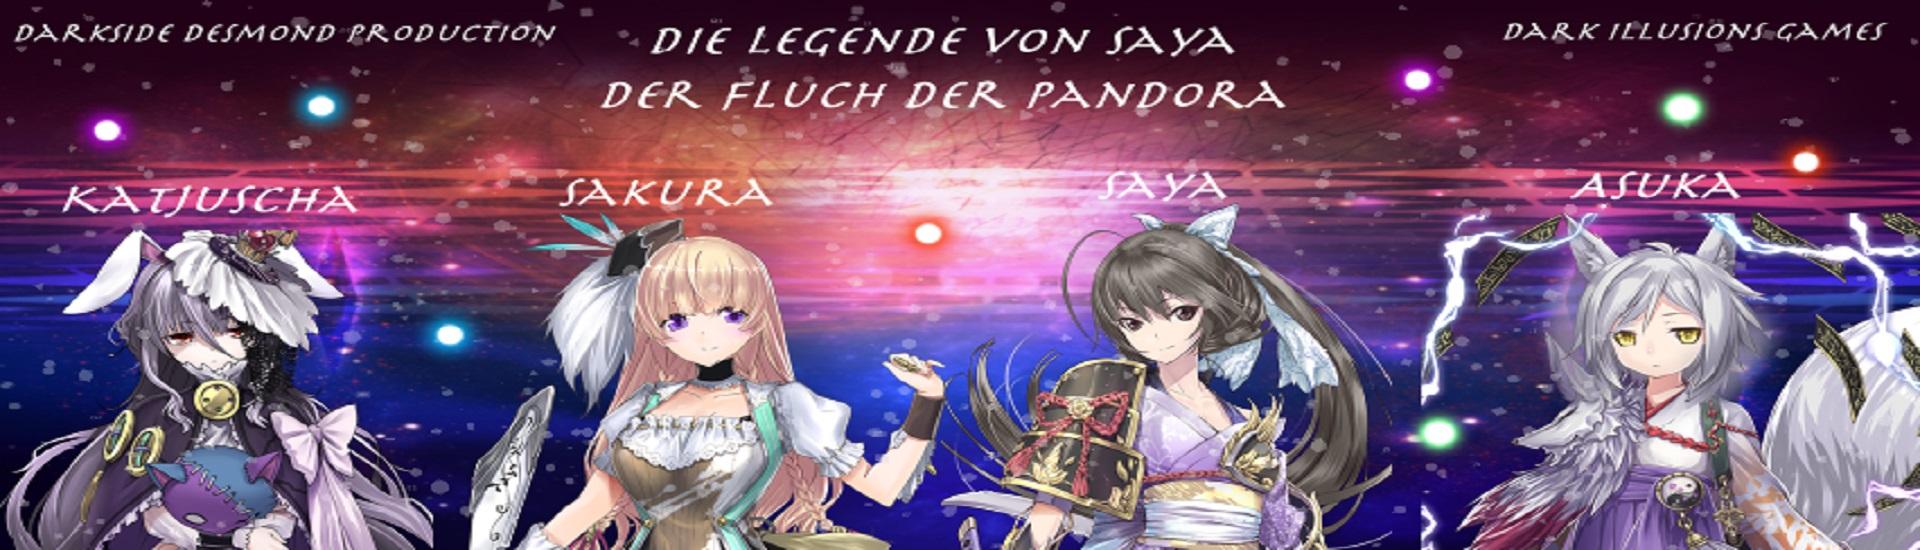 Die Legende von Saya - Der Fluch Der Pandora cover